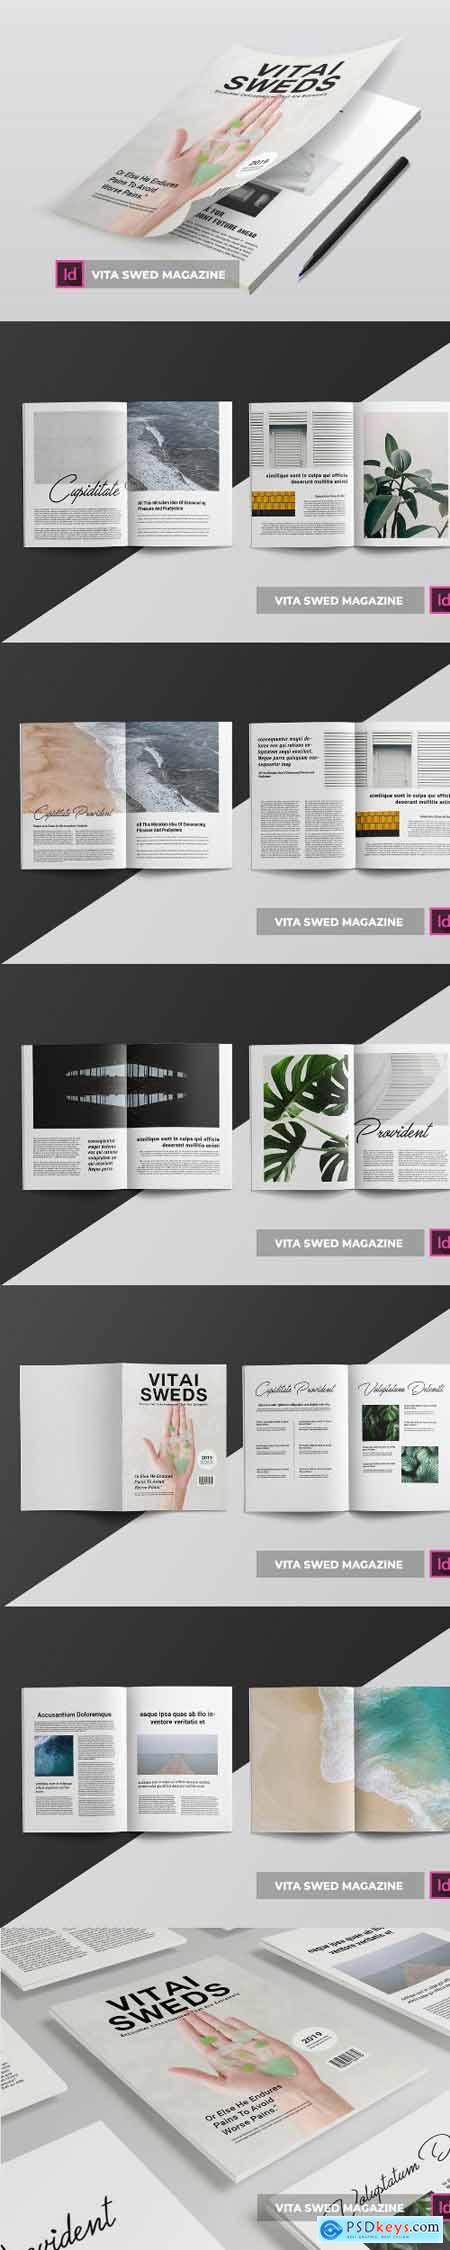 Vita Swed Magazine Template